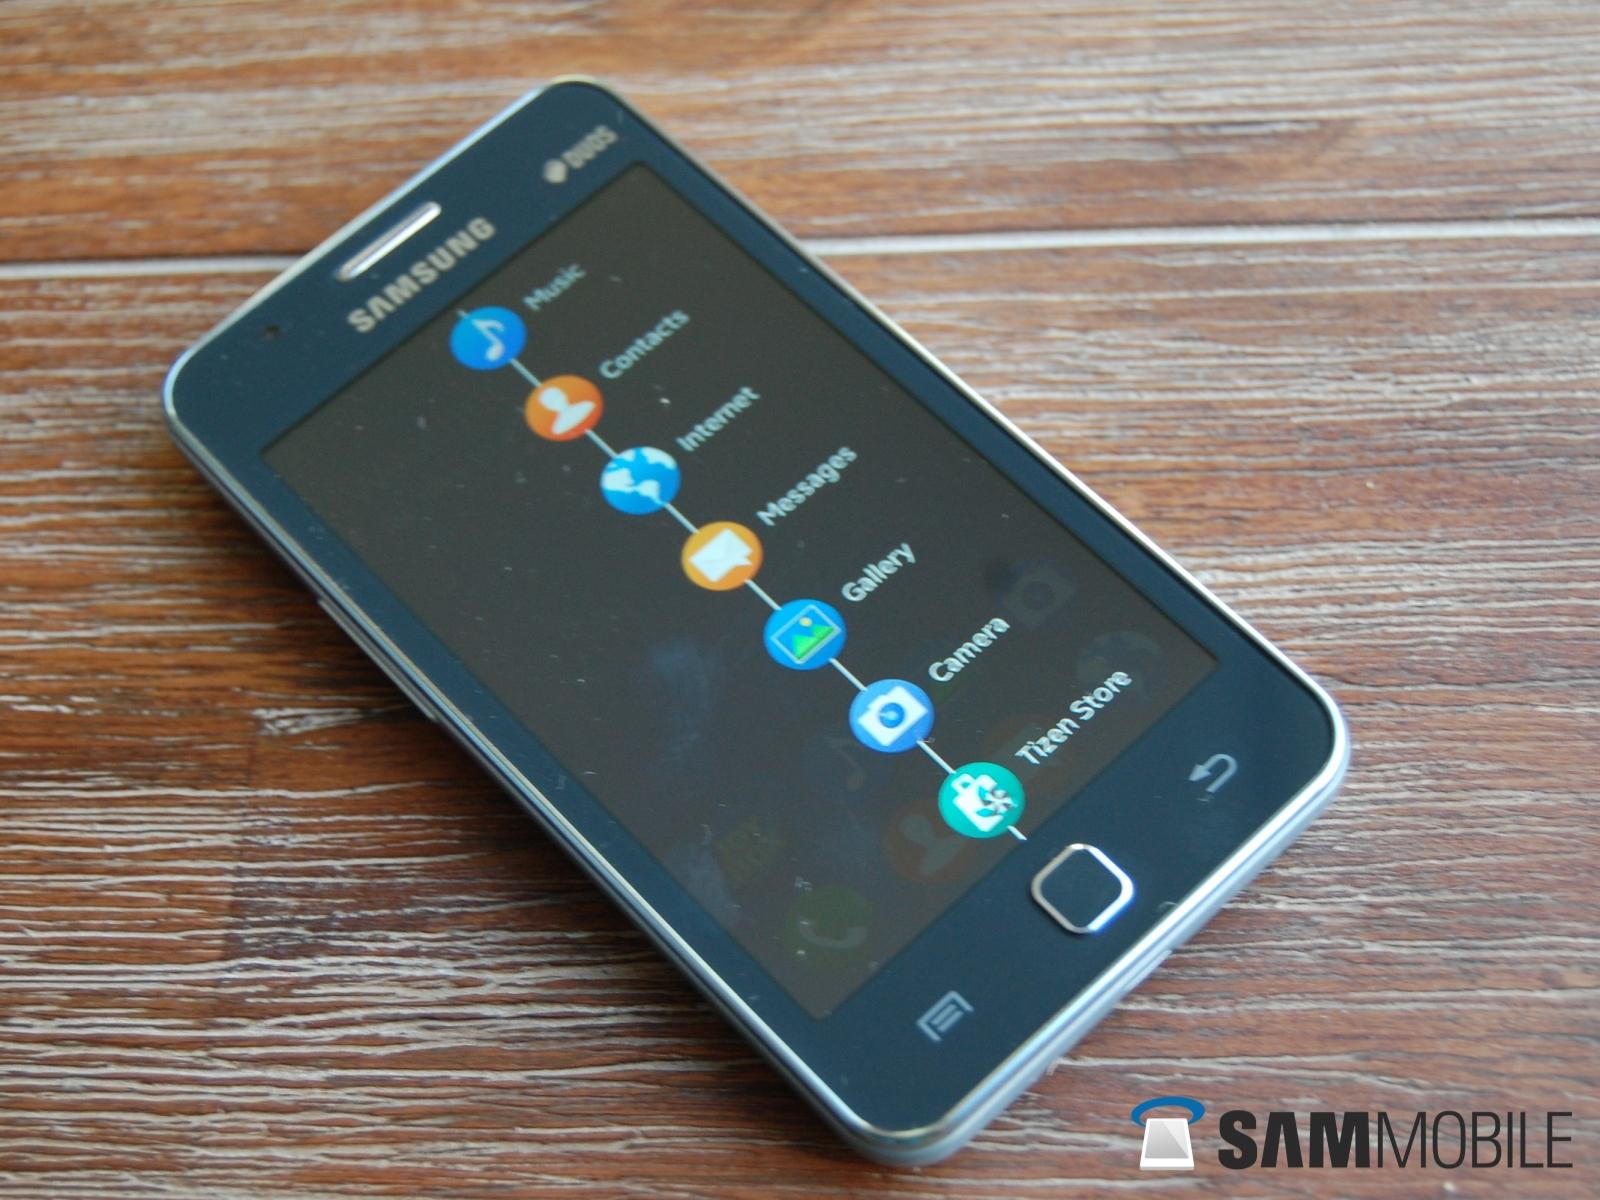 Review: Samsung Z1 (SM-Z130H) - SamMobile - SamMobile